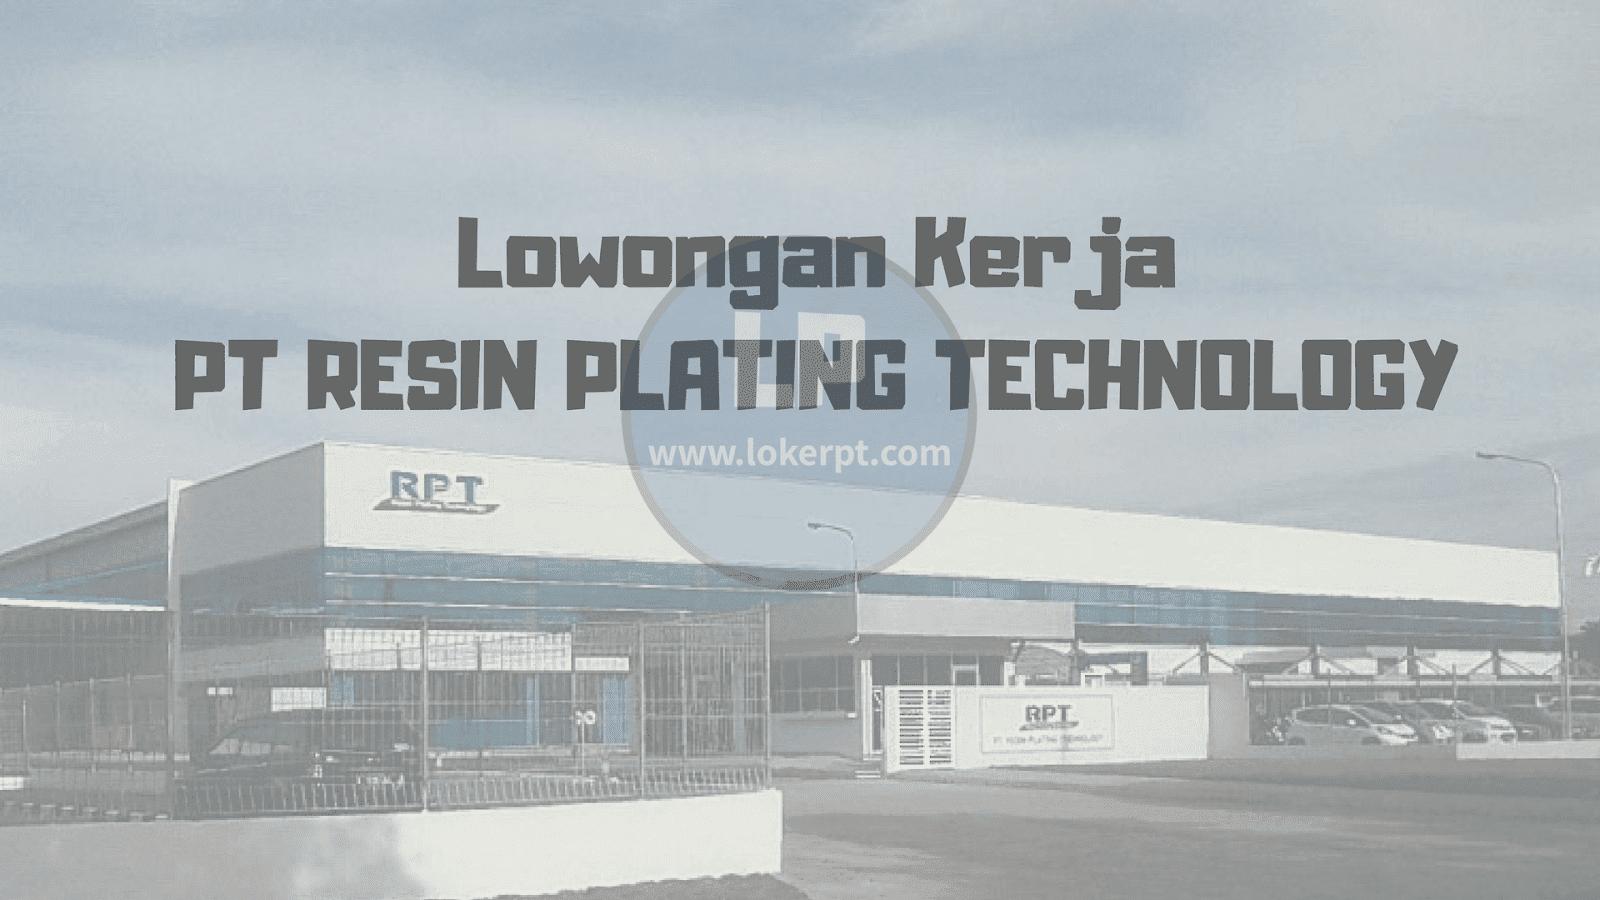 Lowongan Kerja PT Resin Plating Technology (PT RPT)